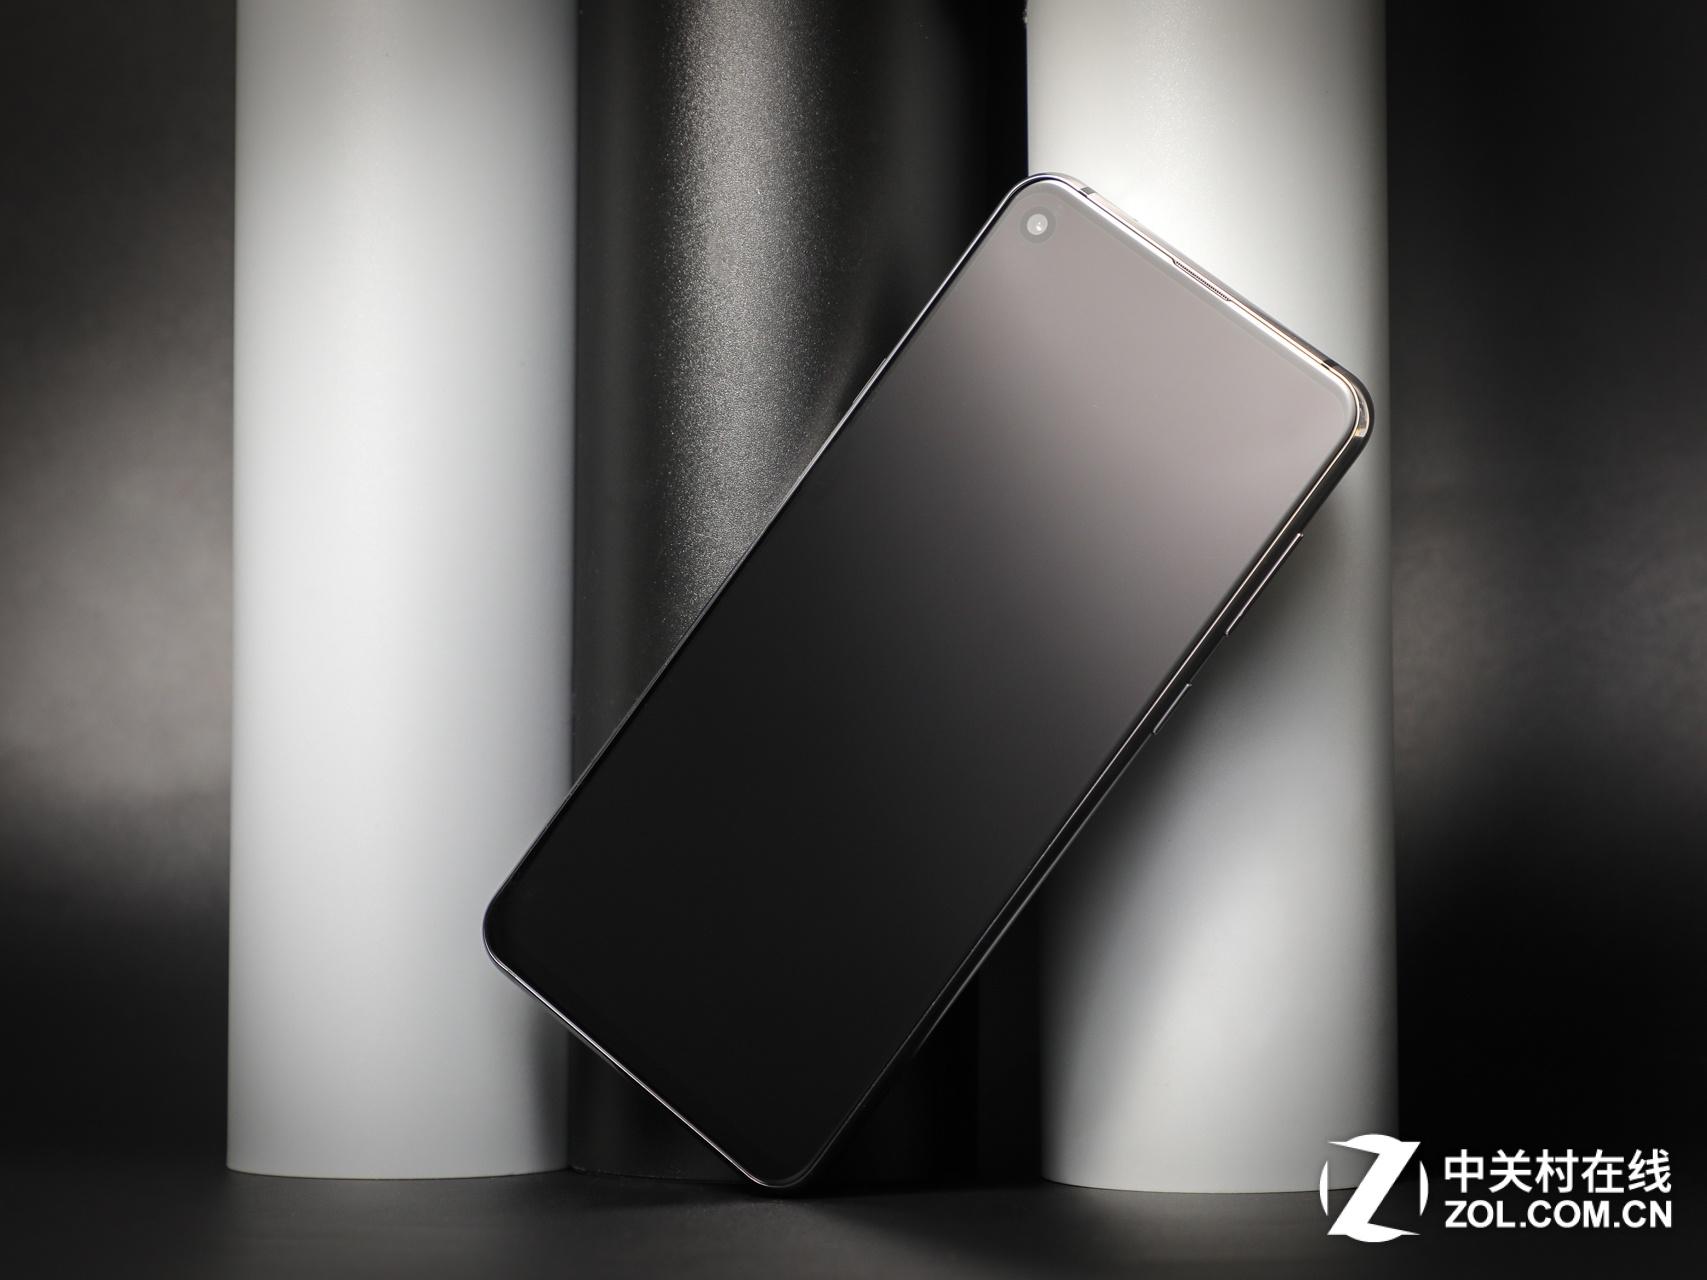 在全球众多手机品牌当中,三星最大的优势源自于它的不断创新,尤其在屏幕方面的创新可以说不断给消费者带来惊喜,从一开始的大屏突围、到曲面出世,再到全视曲面屏,再到今天的Infinity-O打孔屏,三星一直在引领整个行业的发展潮流。三星会止步于此吗?当然不会,未来,三星更计划在2019年初的MWC世界移动大会上发布折叠屏手机,当它打开时,是一款提供大屏幕体验的平板电脑;折叠后就是一款智能手机,可以被放进口袋,三星移动产品营销高级副总裁Justin Denison介绍道。更多来自未来黑科技正在袭来,让我们拭